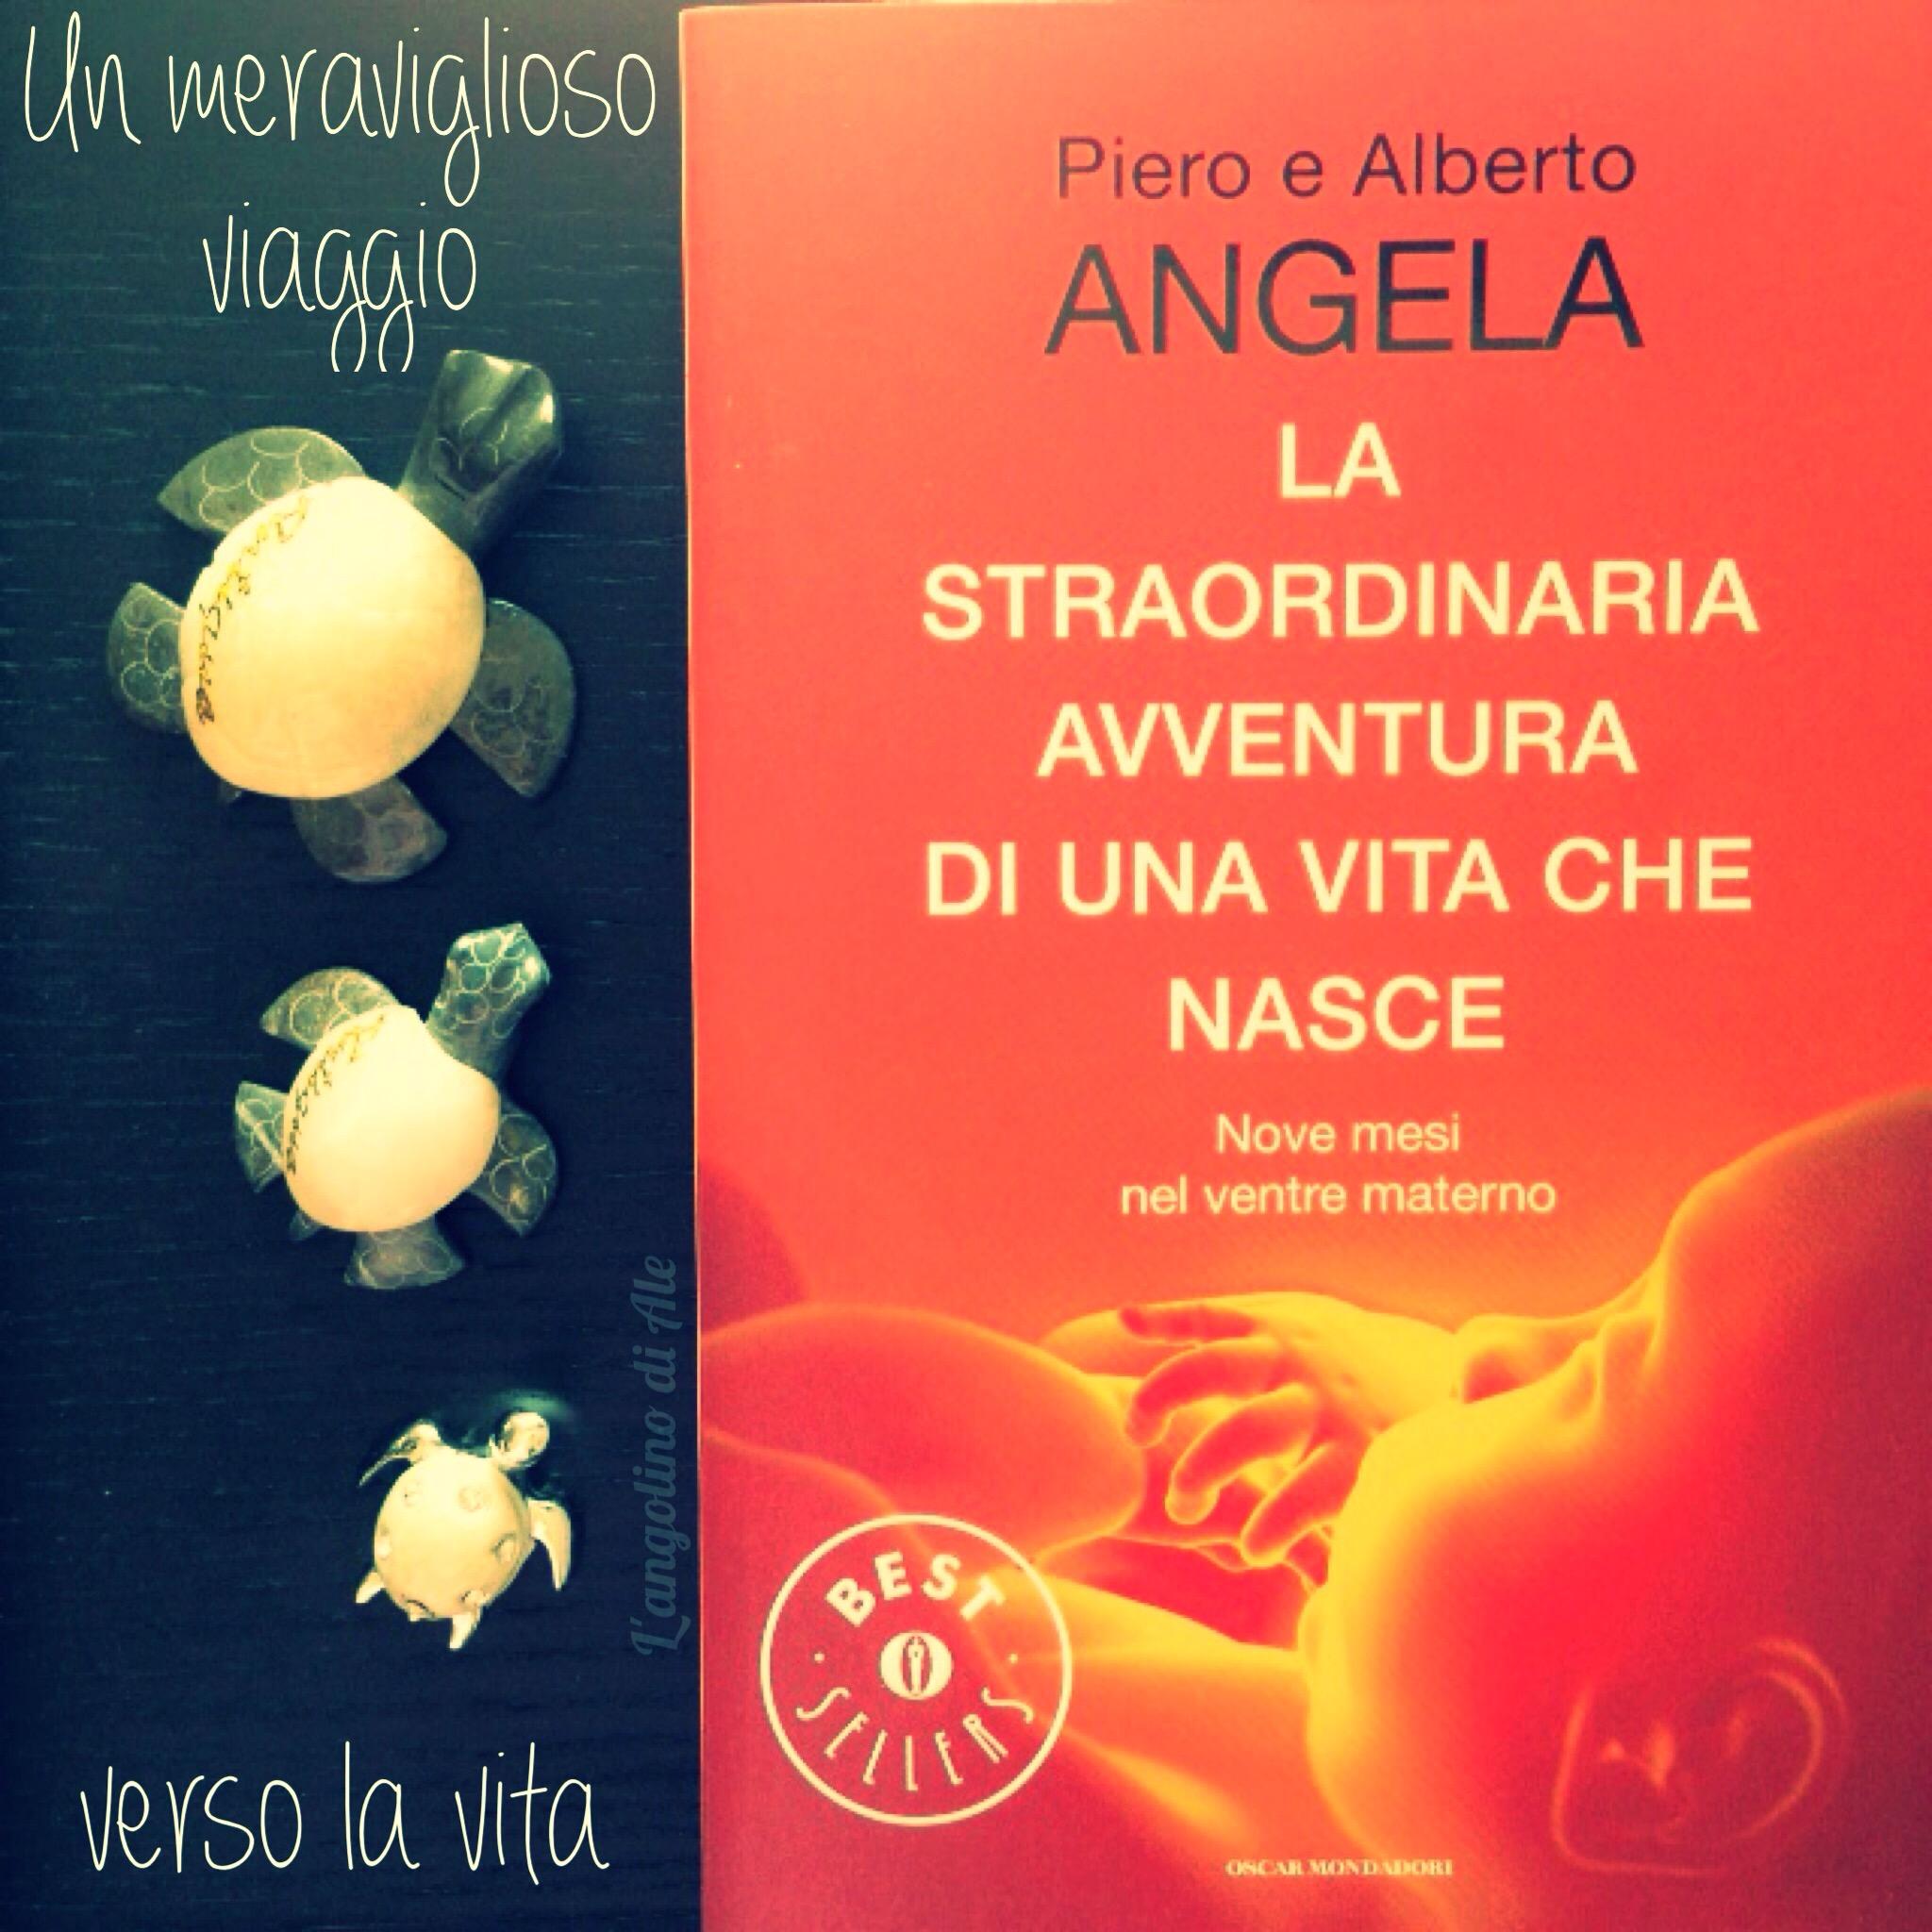 La straordinaria avventura di una vita che nasce di Piero e Alberto Angela